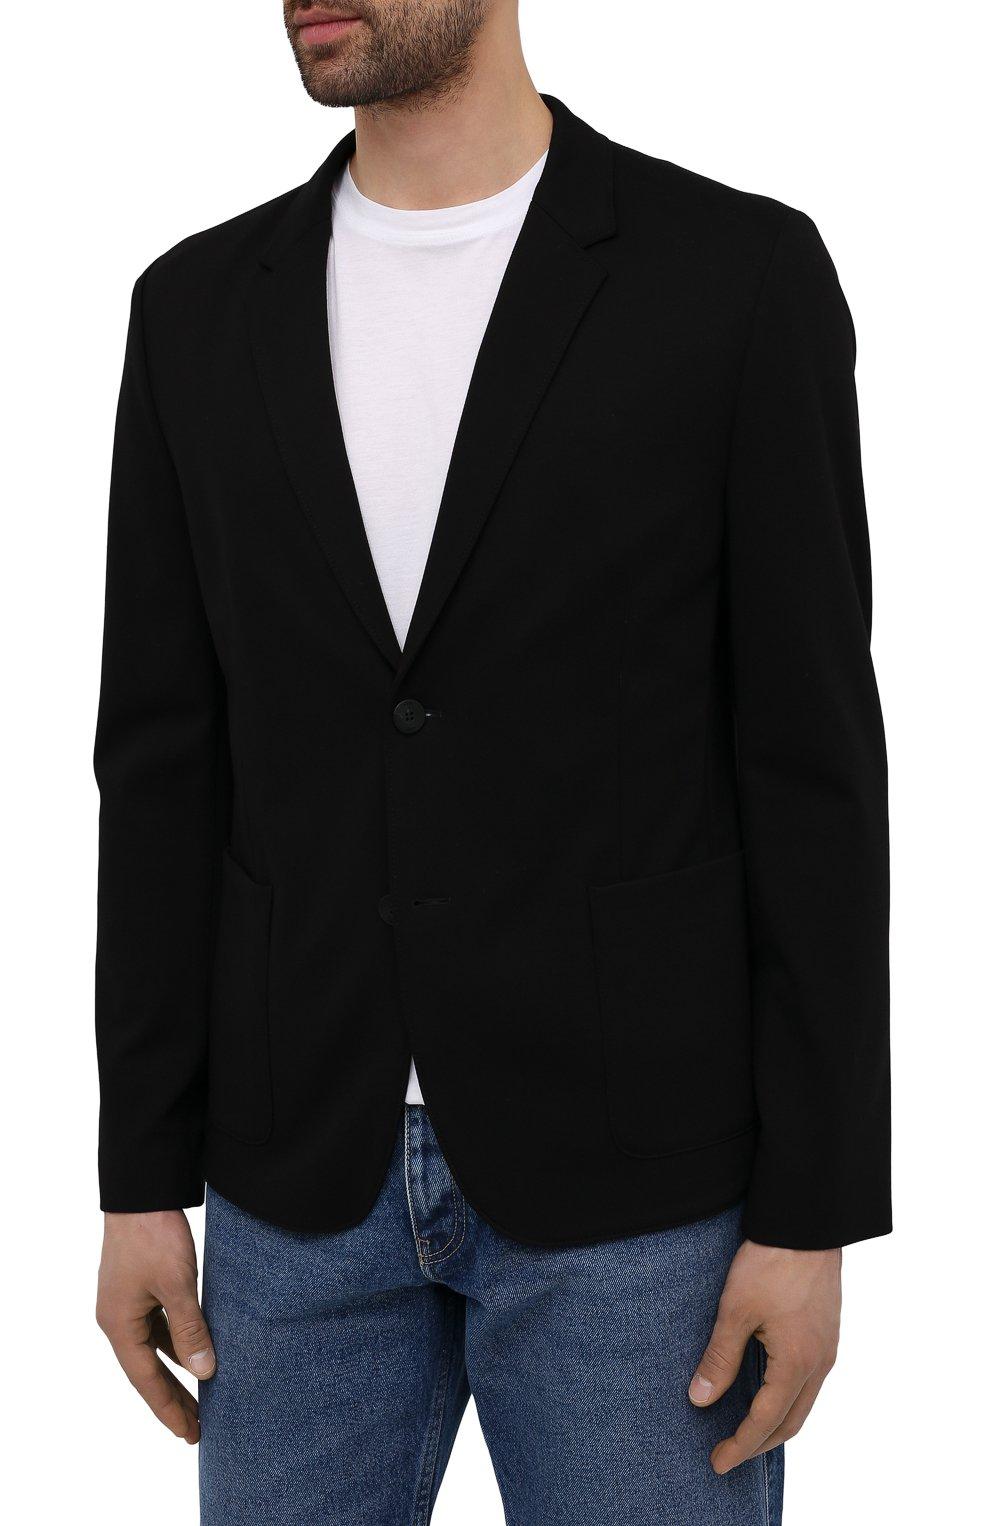 Мужской пиджак HUGO черного цвета, арт. 50454551   Фото 3 (Рукава: Длинные; Случай: Повседневный; Материал внешний: Синтетический материал, Вискоза; Длина (для топов): Стандартные; Пиджаки М: Прямой)